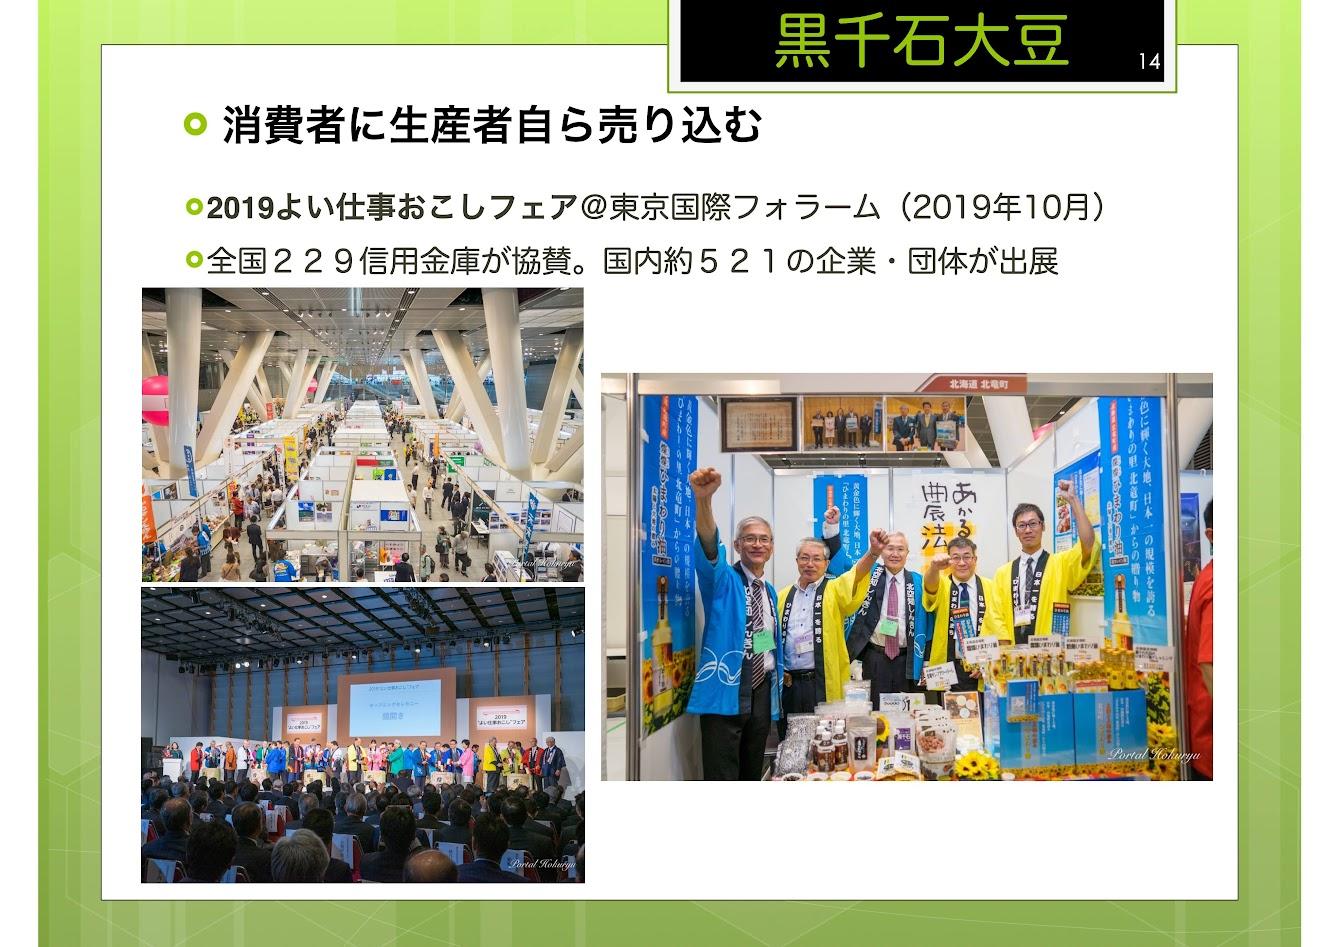 2019よい仕事おこしフェア(東京国際フォーラム)